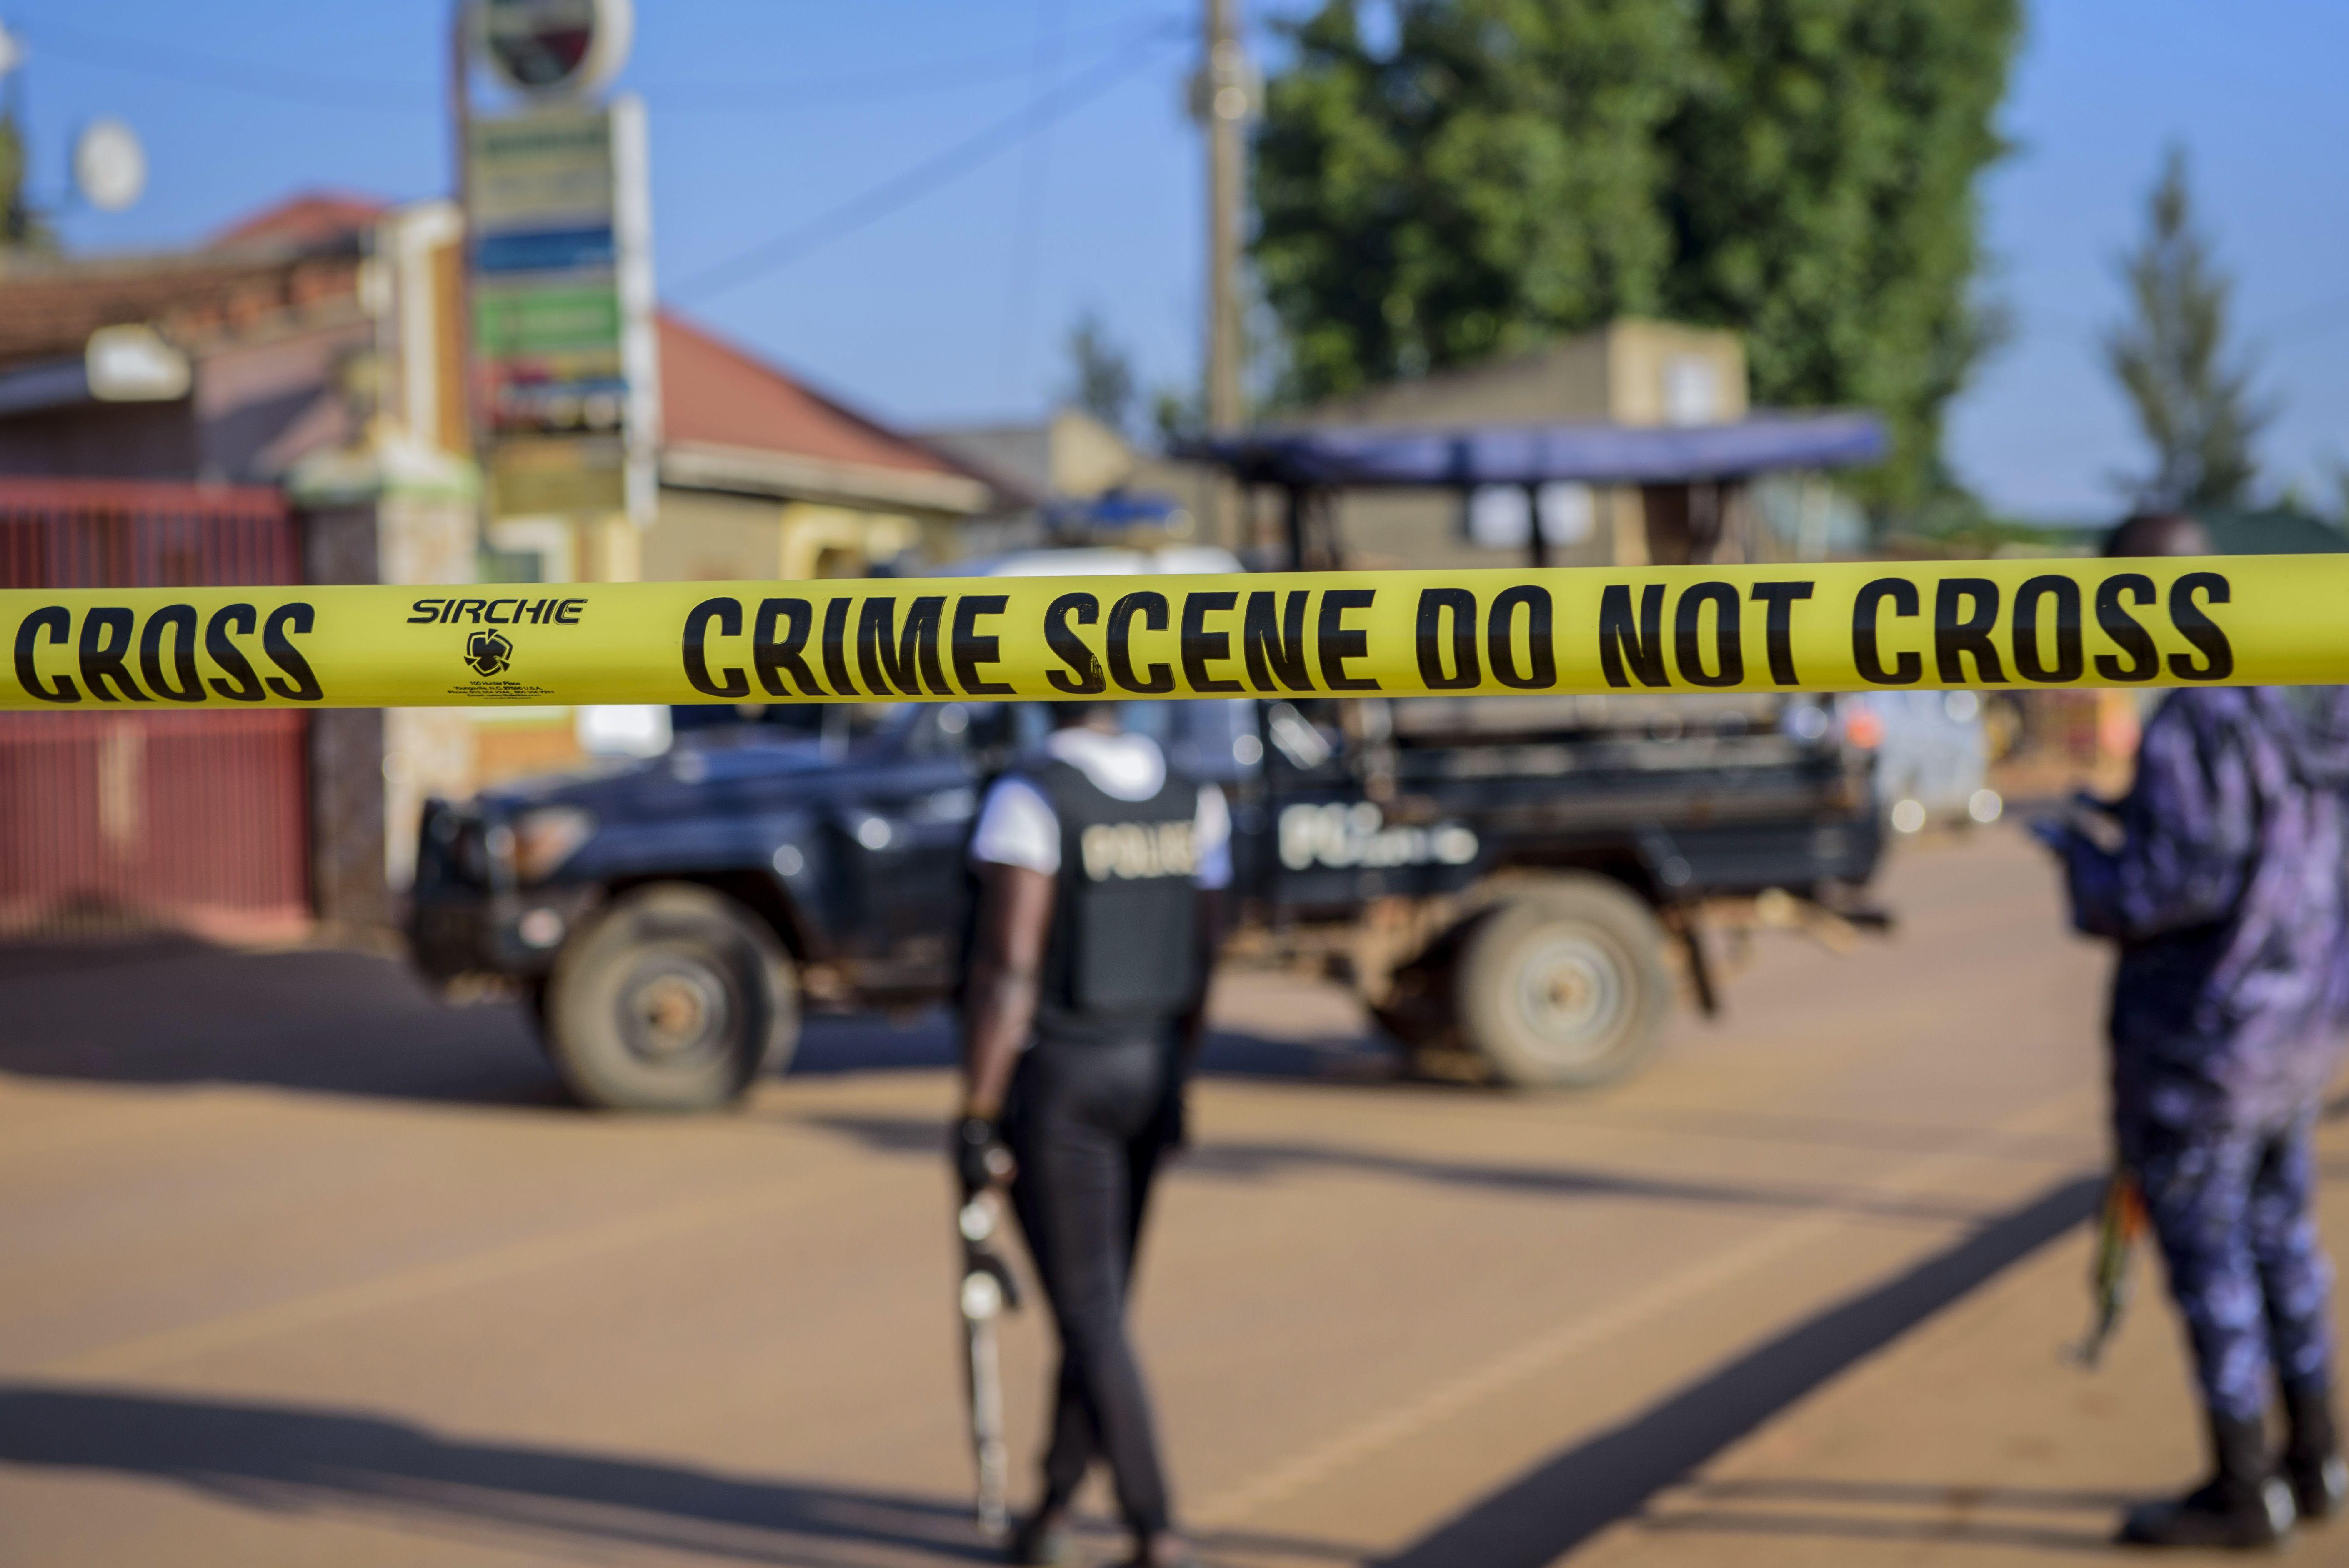 presidente de uganda: explosion fue un probable atentado